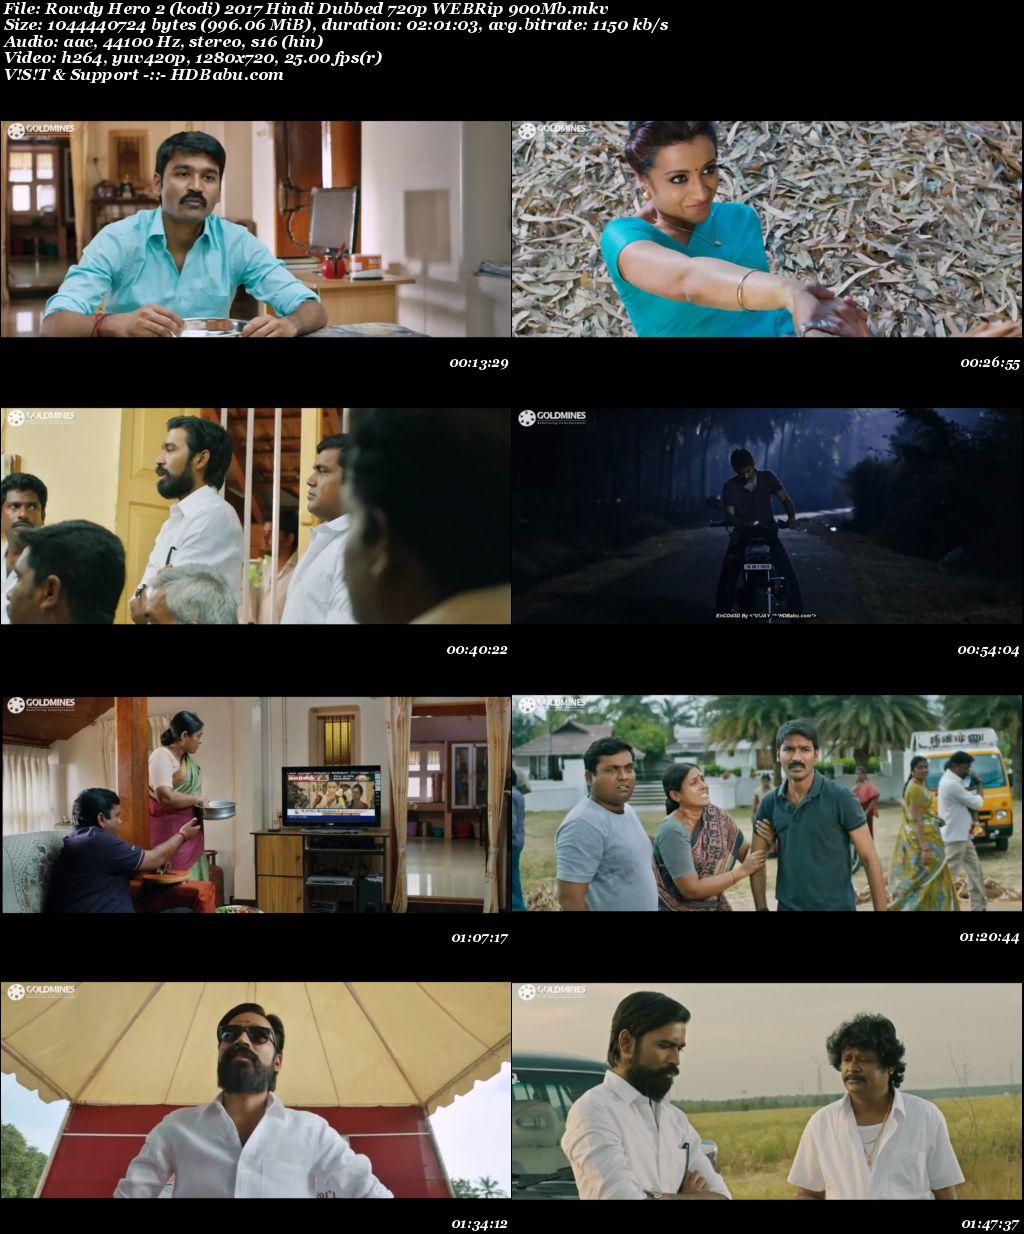 Rowdy Hero 2 (kodi) 2017 Hindi Dubbed 720p WEBRip 900MB Screenshot